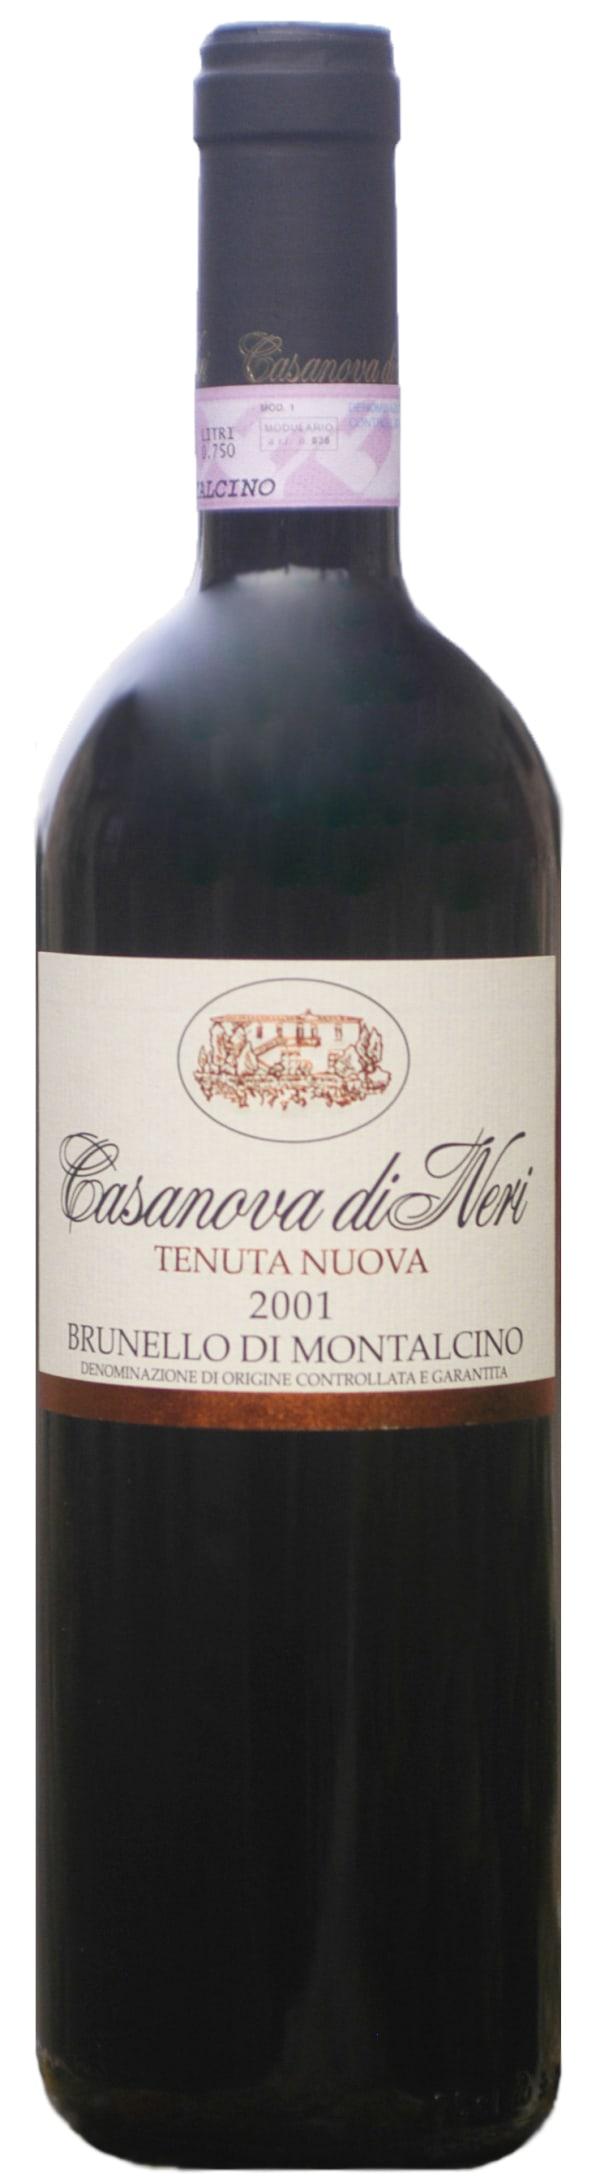 Casanova di Neri Tenuta Nuova Brunello di Montalcino 2001